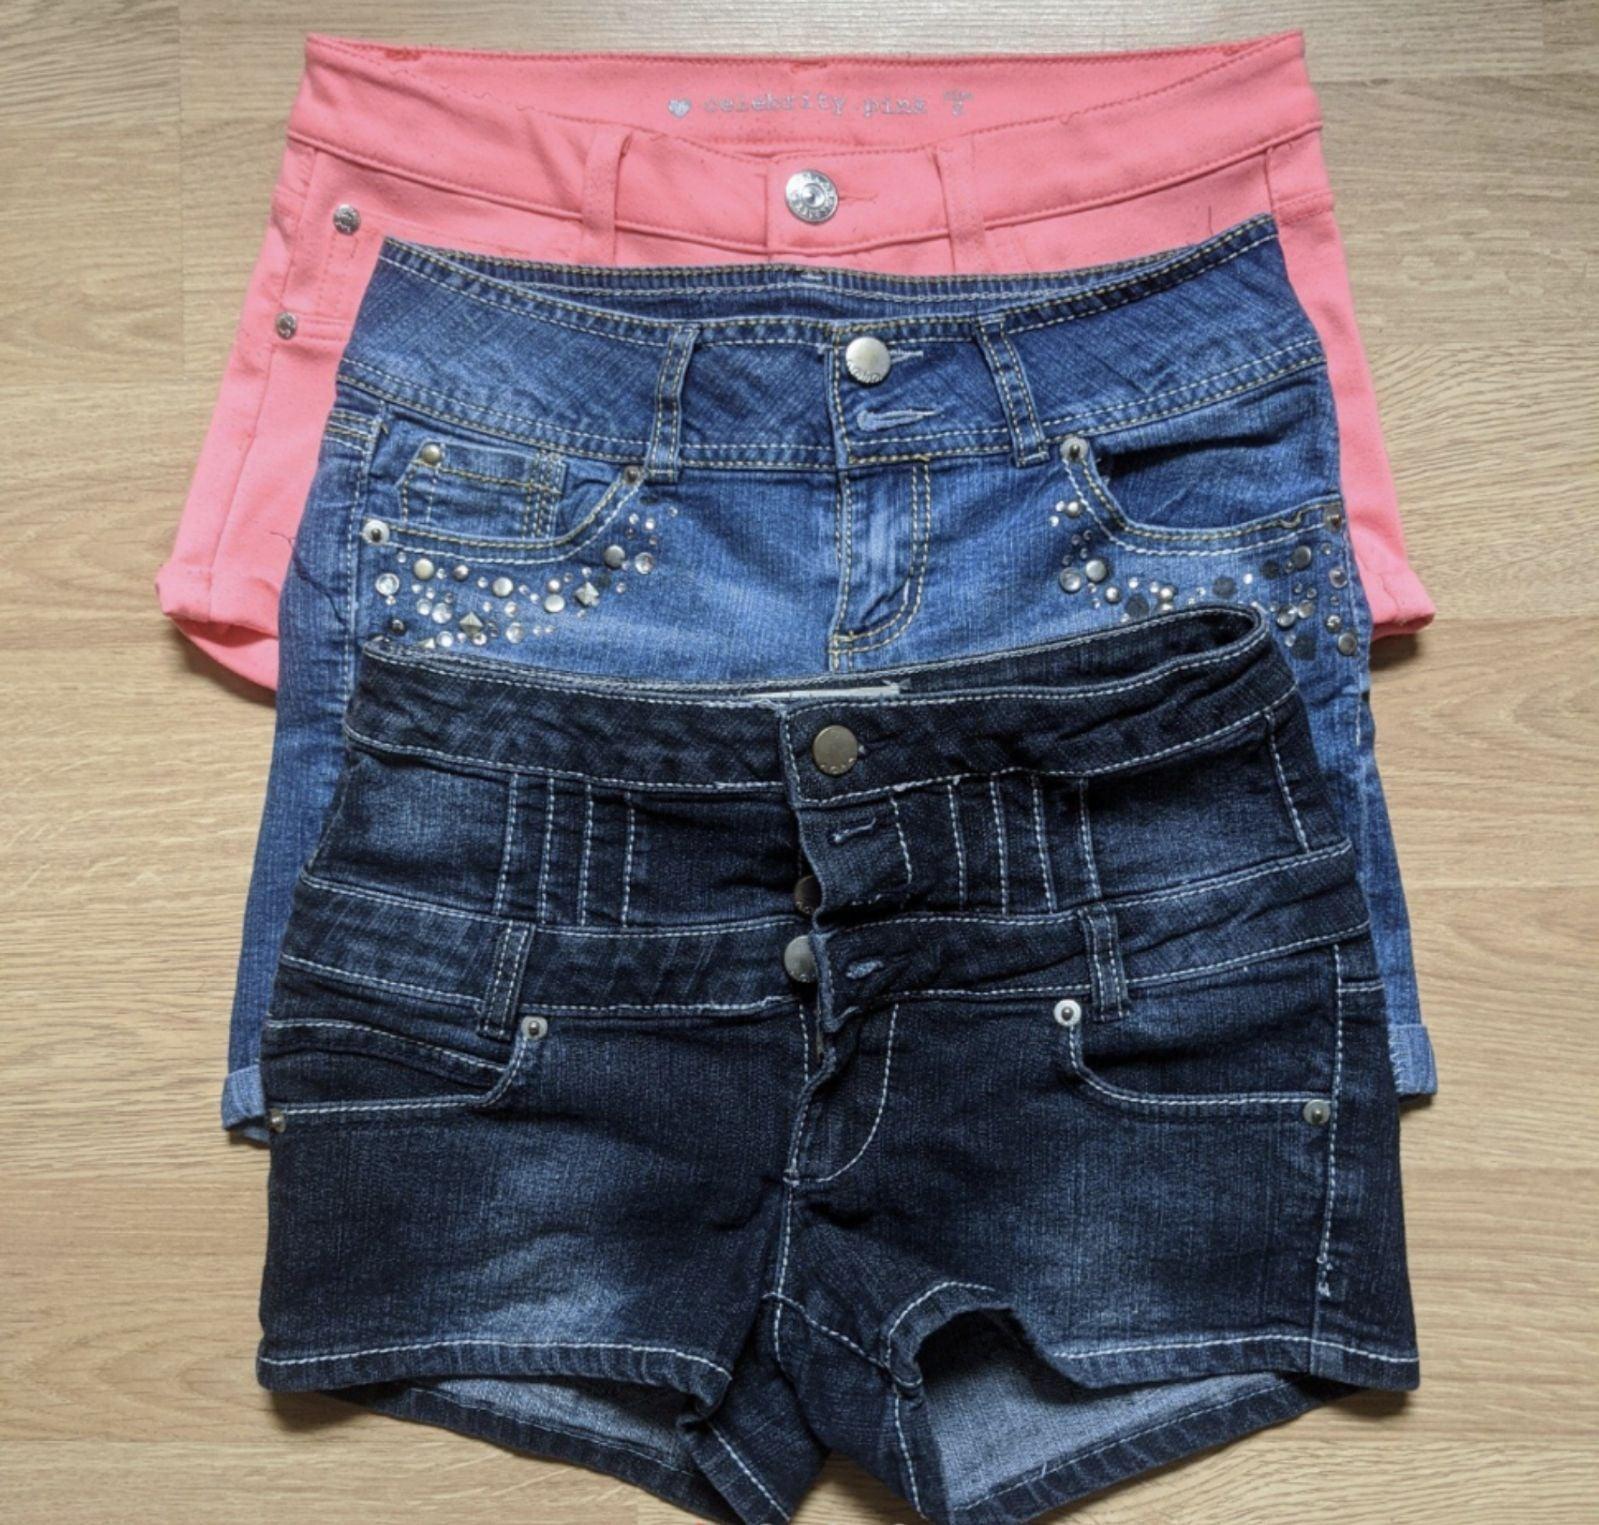 womens jean shorts bundle